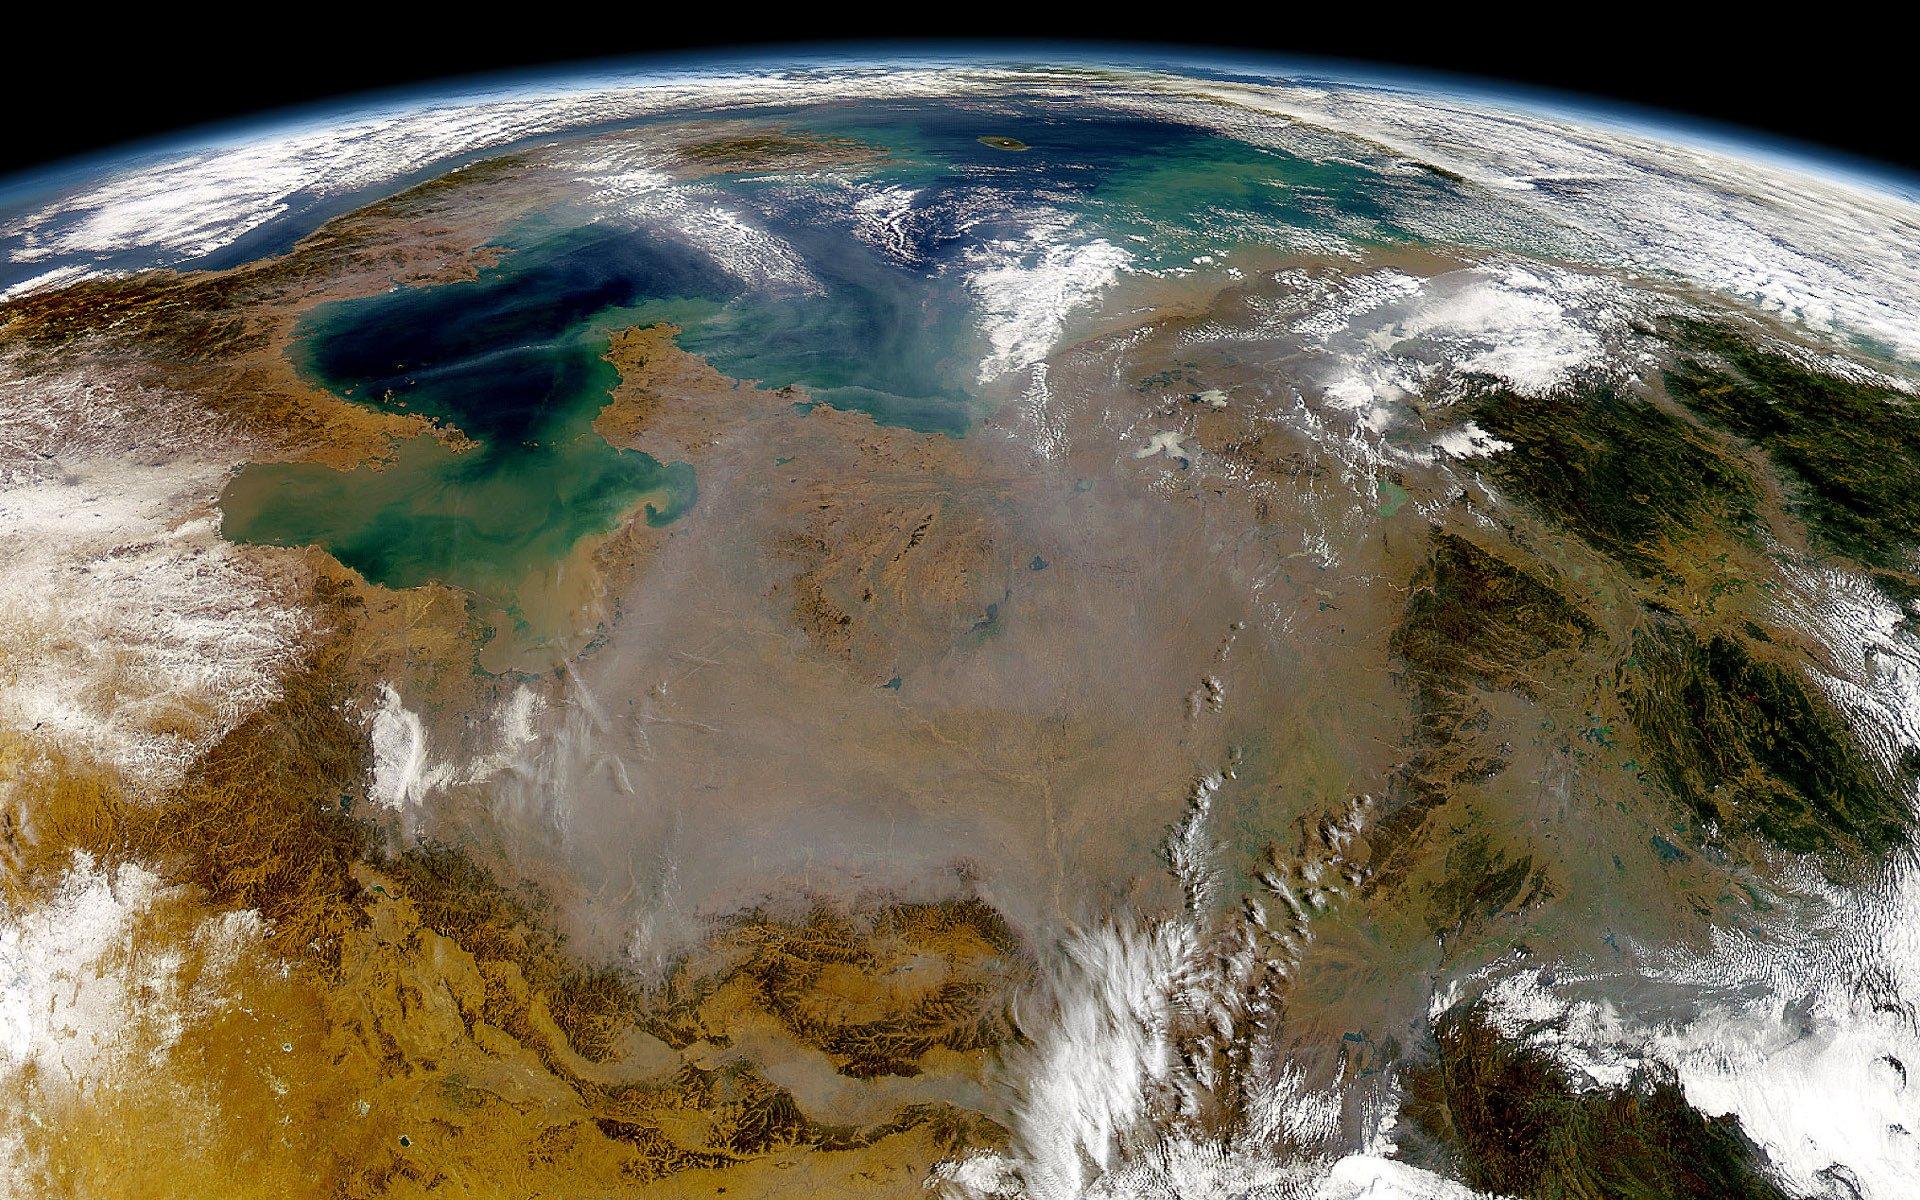 будете интересные фото земли со спутника бывают только